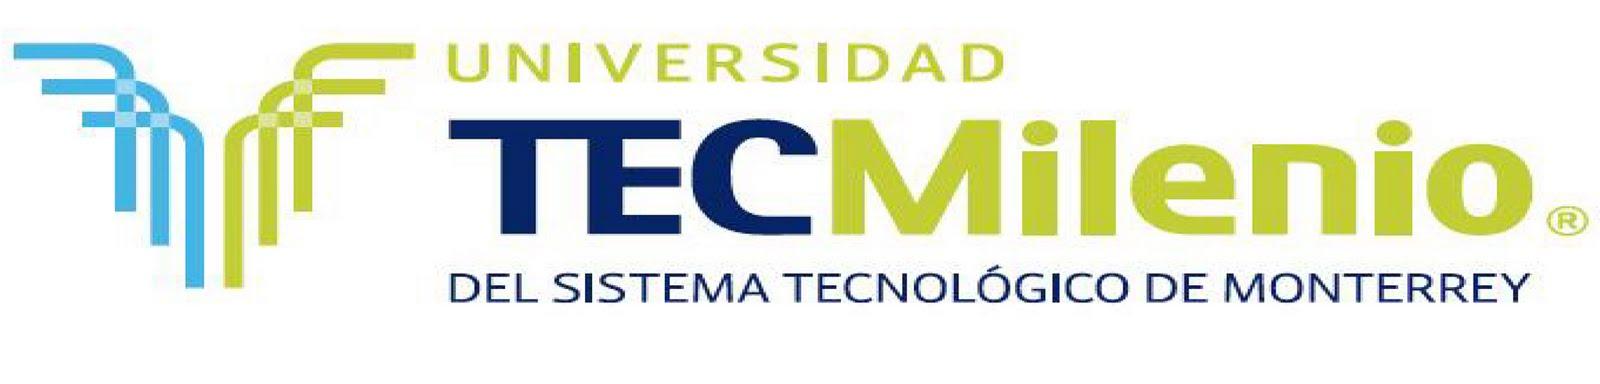 tecmilenio campus matamoros llev243 a cabo la feria del